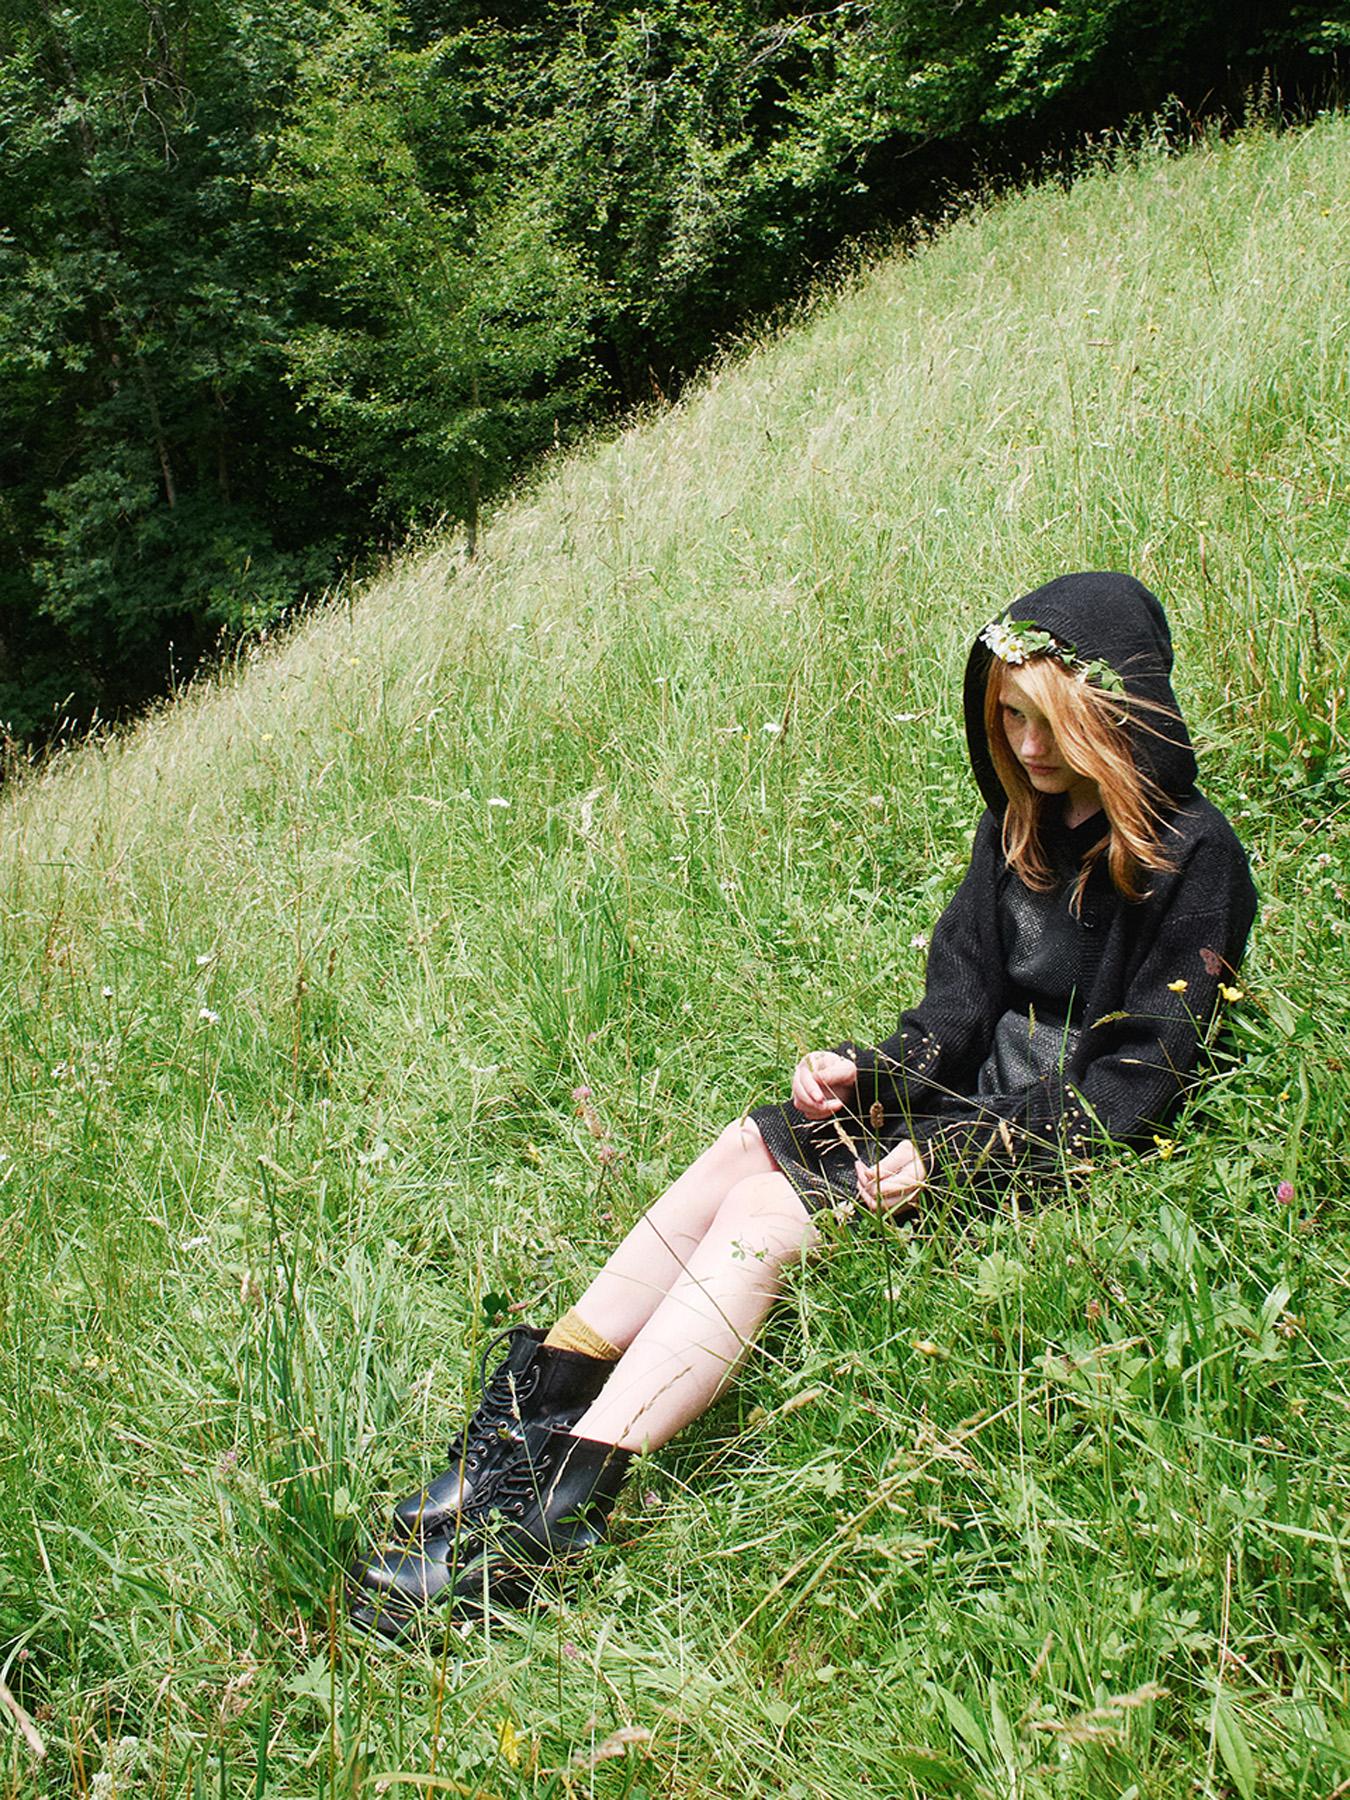 042-icon-artist-management-Kristin-Vicari-kids-MILK Magazine003.jpg